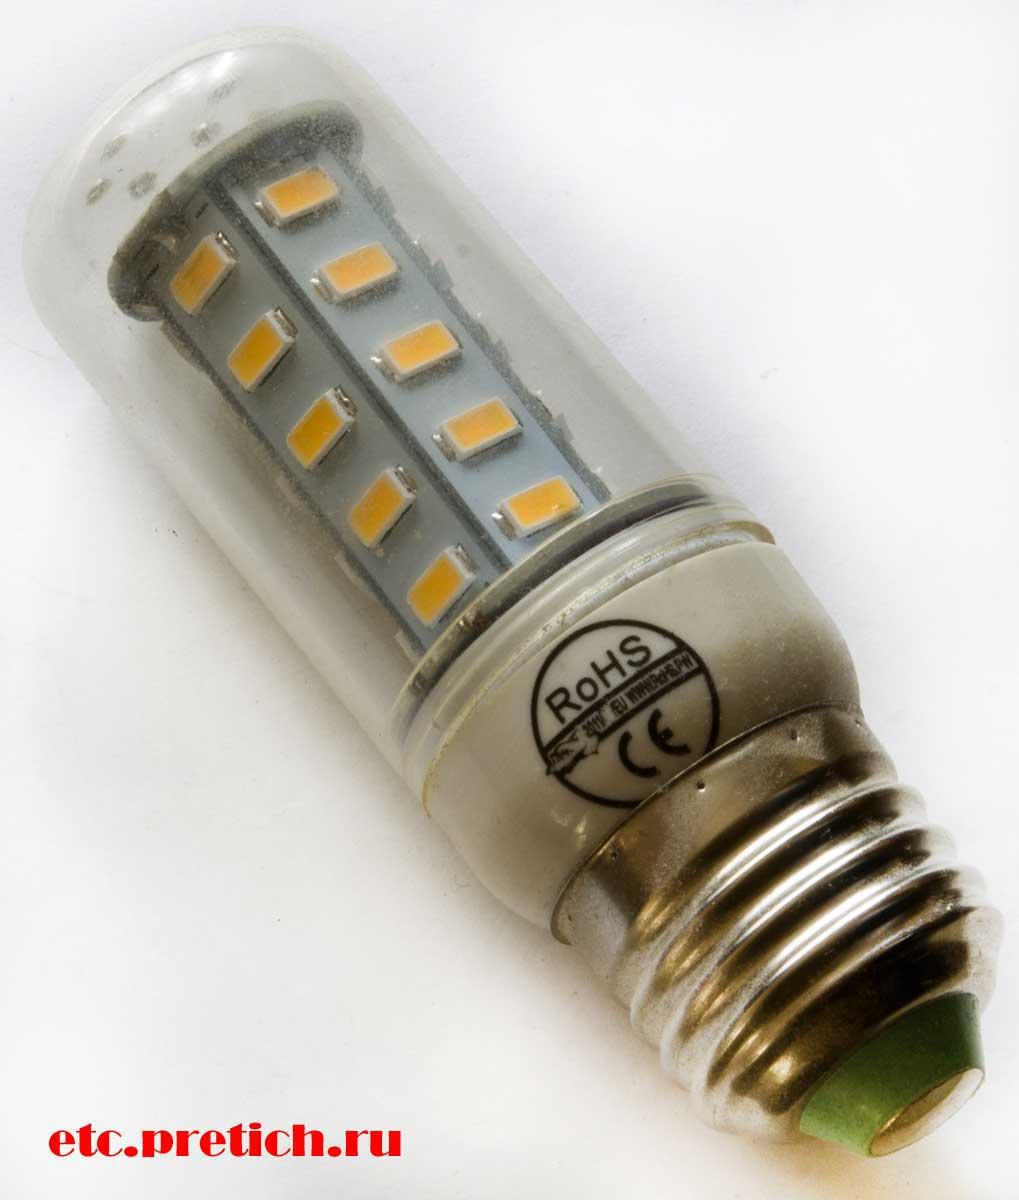 светодиодная LED лампочка на 220 вольт - можно ли покупать в Китае